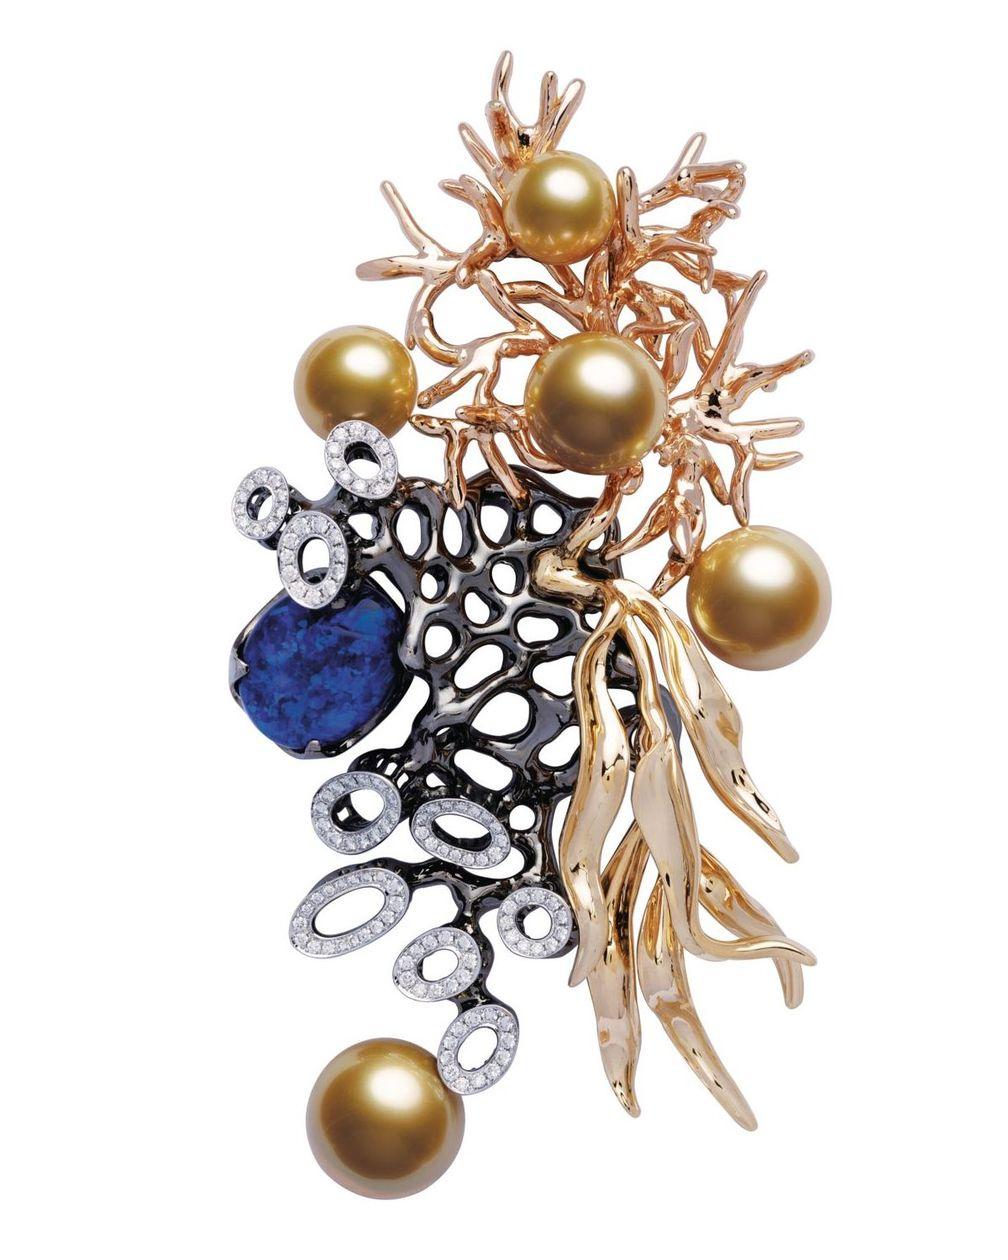 Брошь La Mer en Majesté Ocean Gift из желтого, розового и белого золота, украшенная жемчугом южных морей, опалом и бриллиантами от Jewelmer